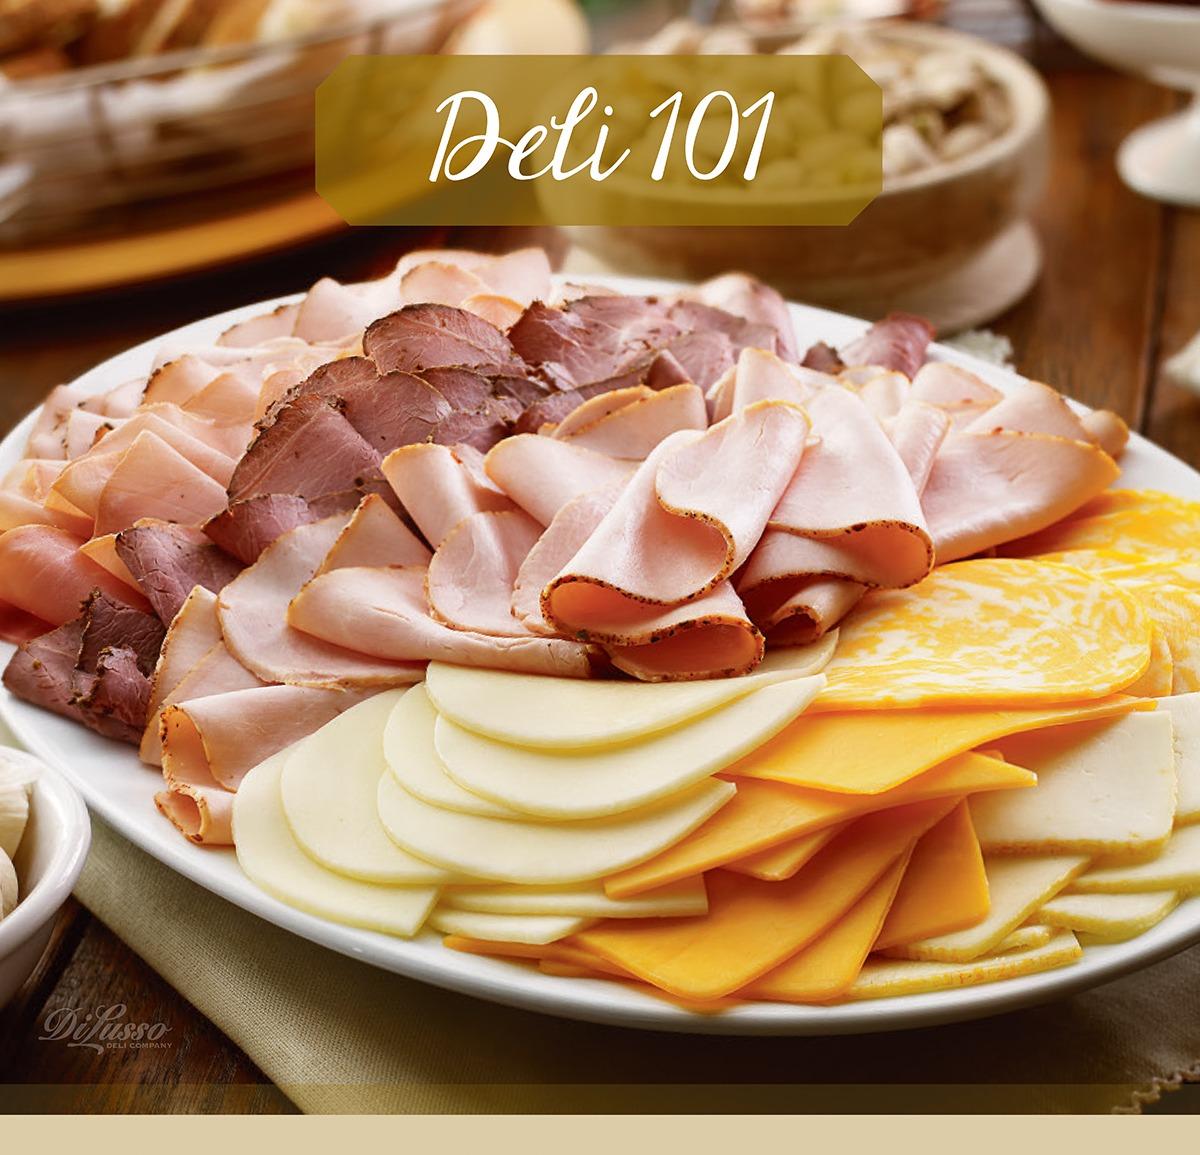 DIY Deli Platter